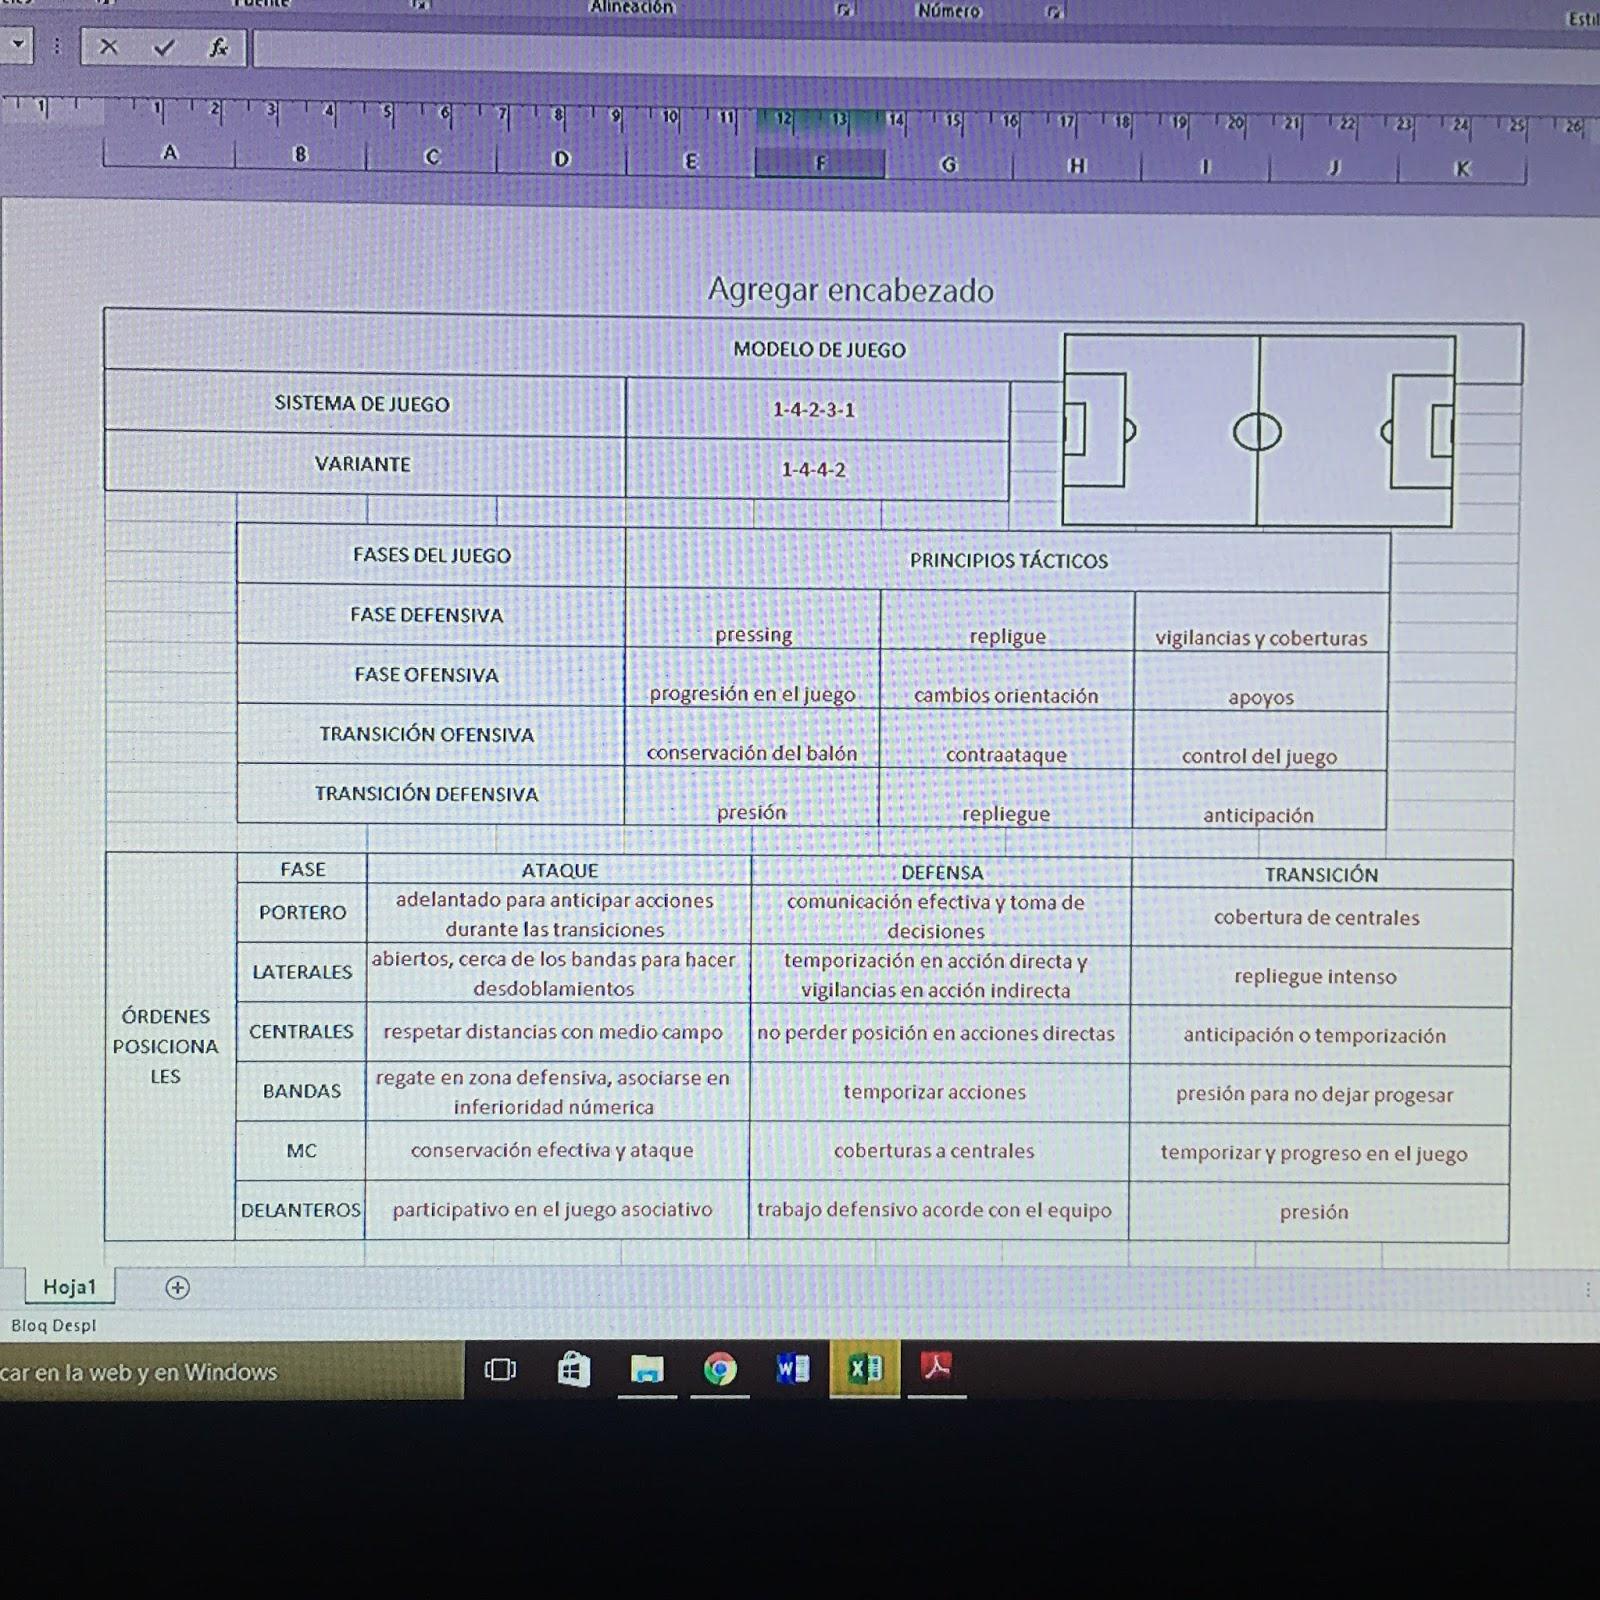 F...de Fútbol- Xesco: Cuaderno del entrenador: Plantilla Modelo de juego